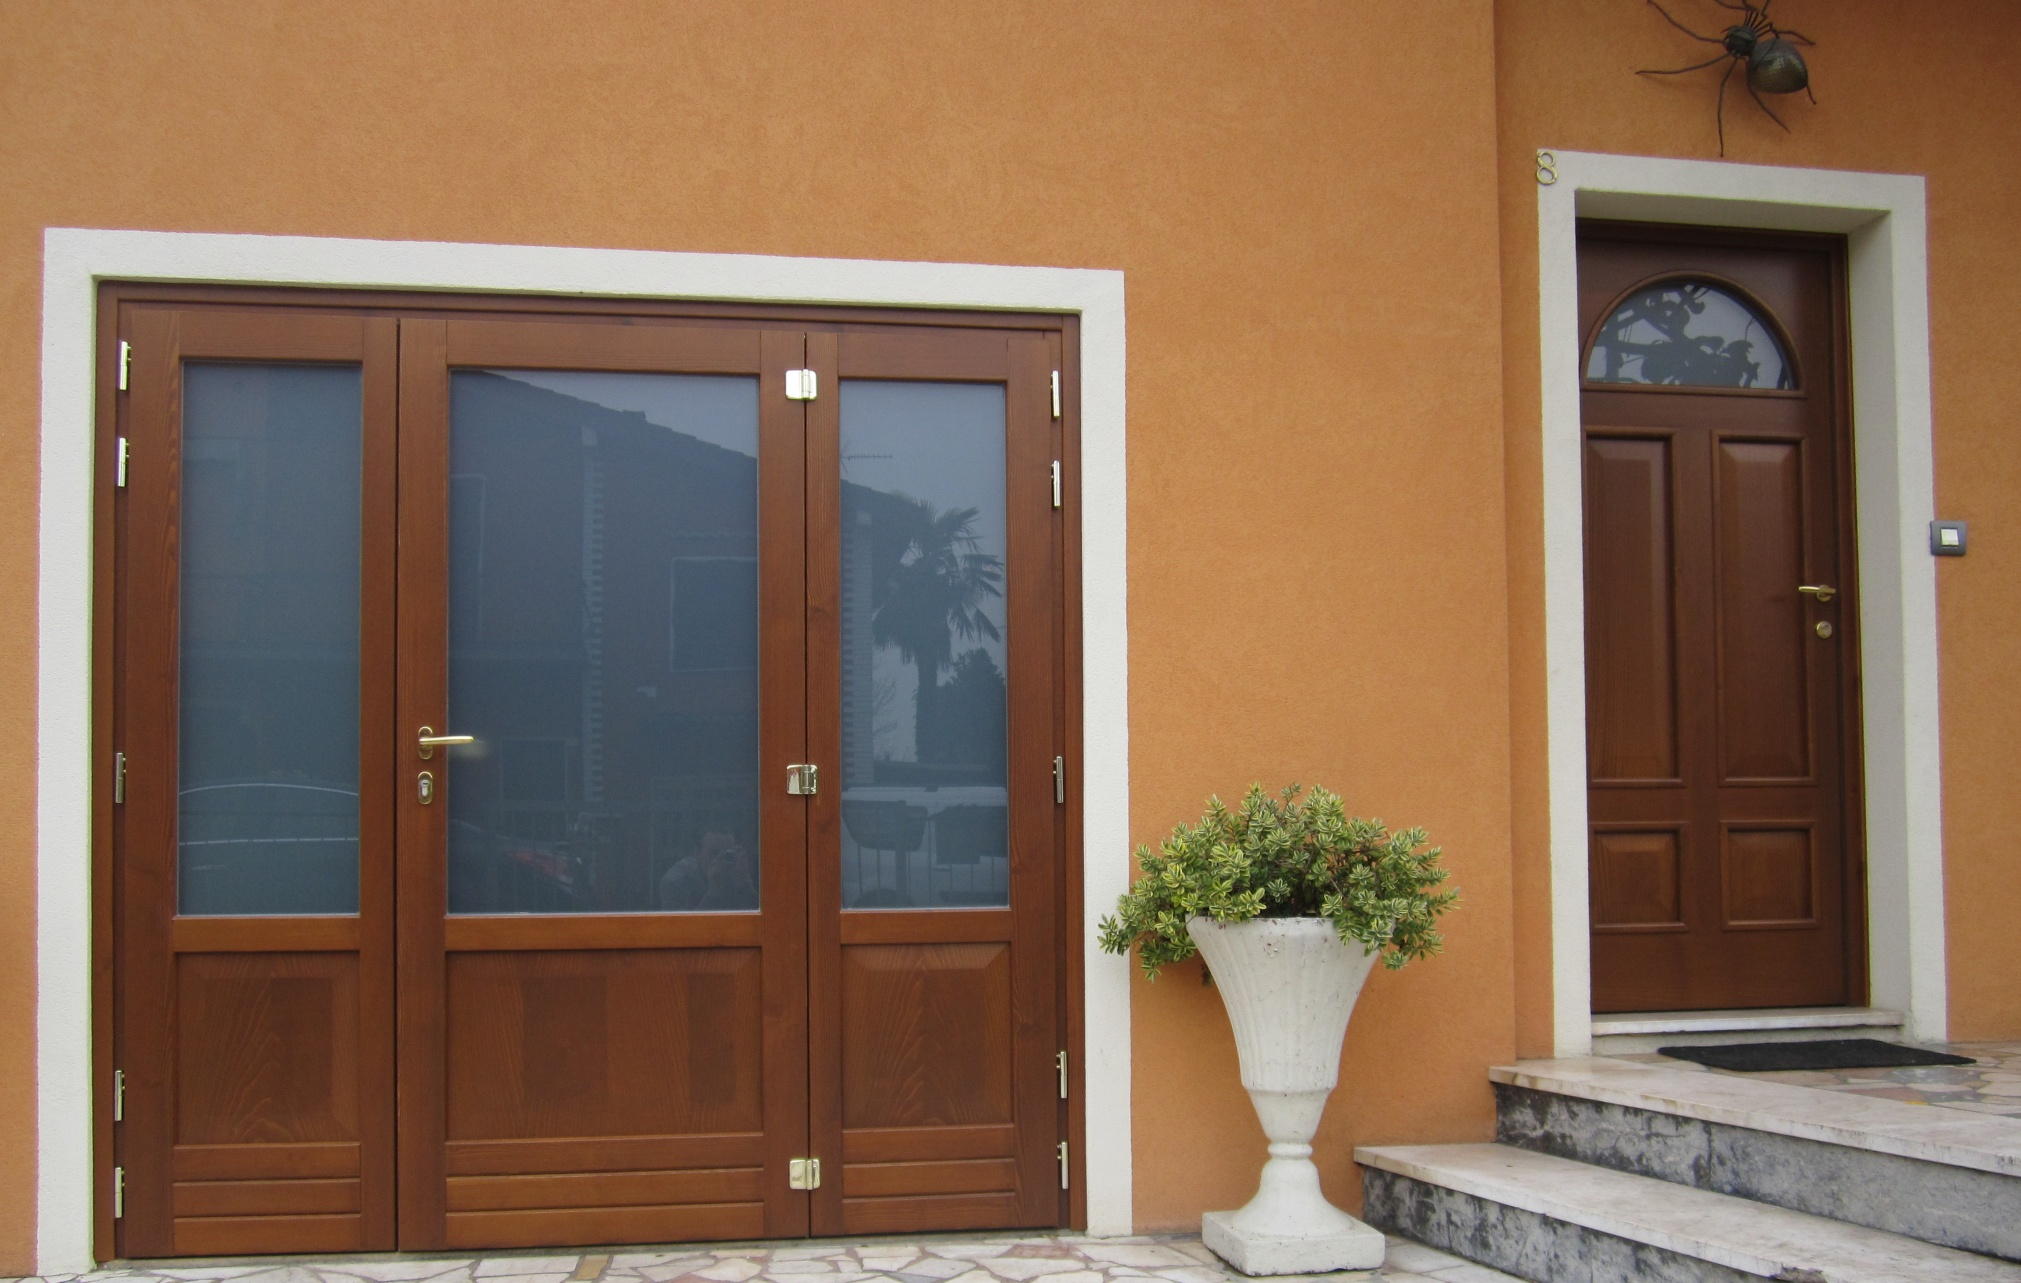 cab653a221 Come confrontare prezzi e preventivi per finestre, porte e serramenti? Ecco  alcuni consigli